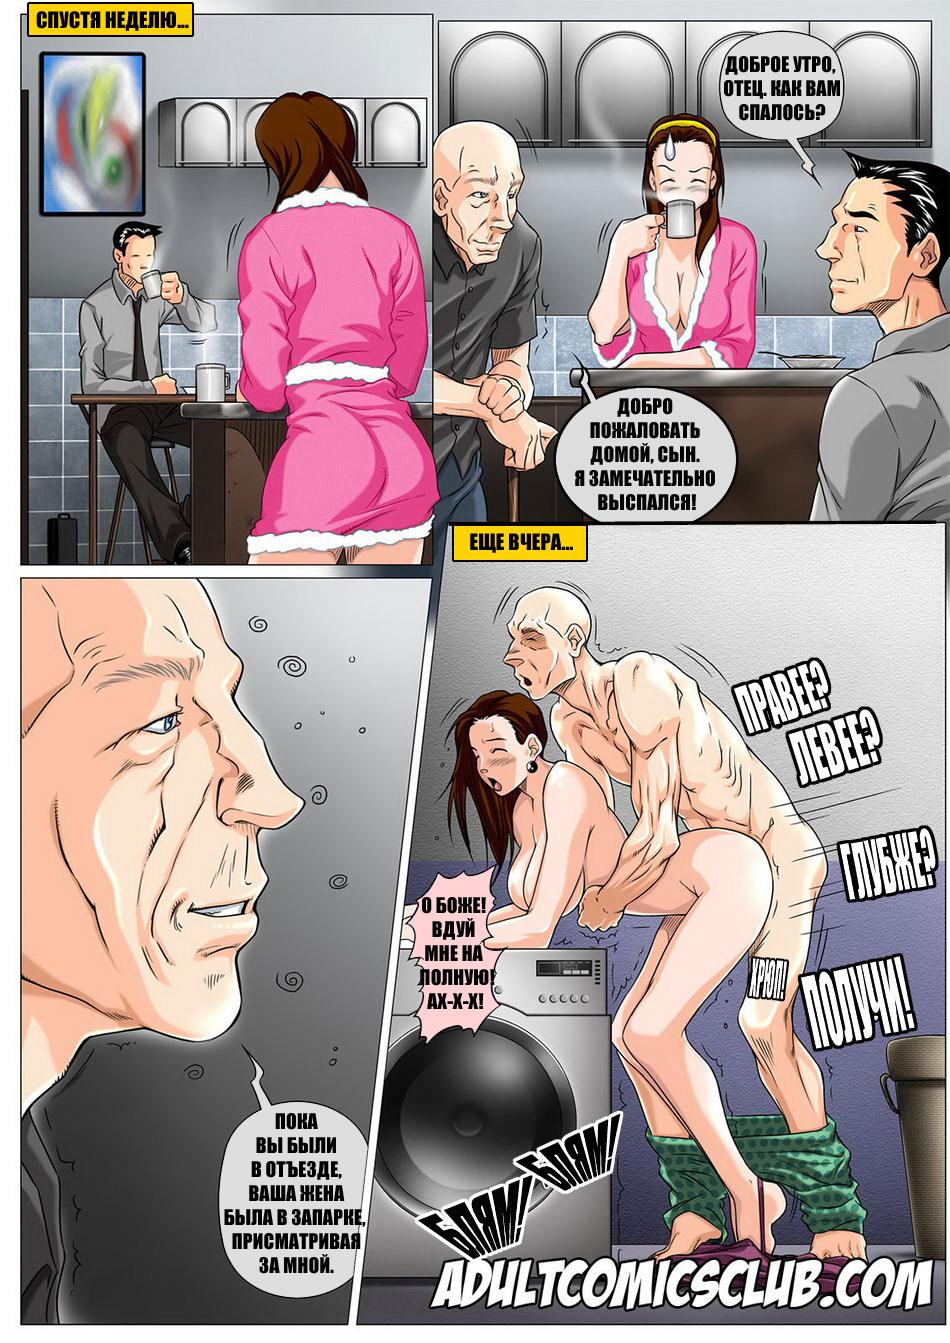 Сисси бой - порно с sissy boy, пидорами в женском